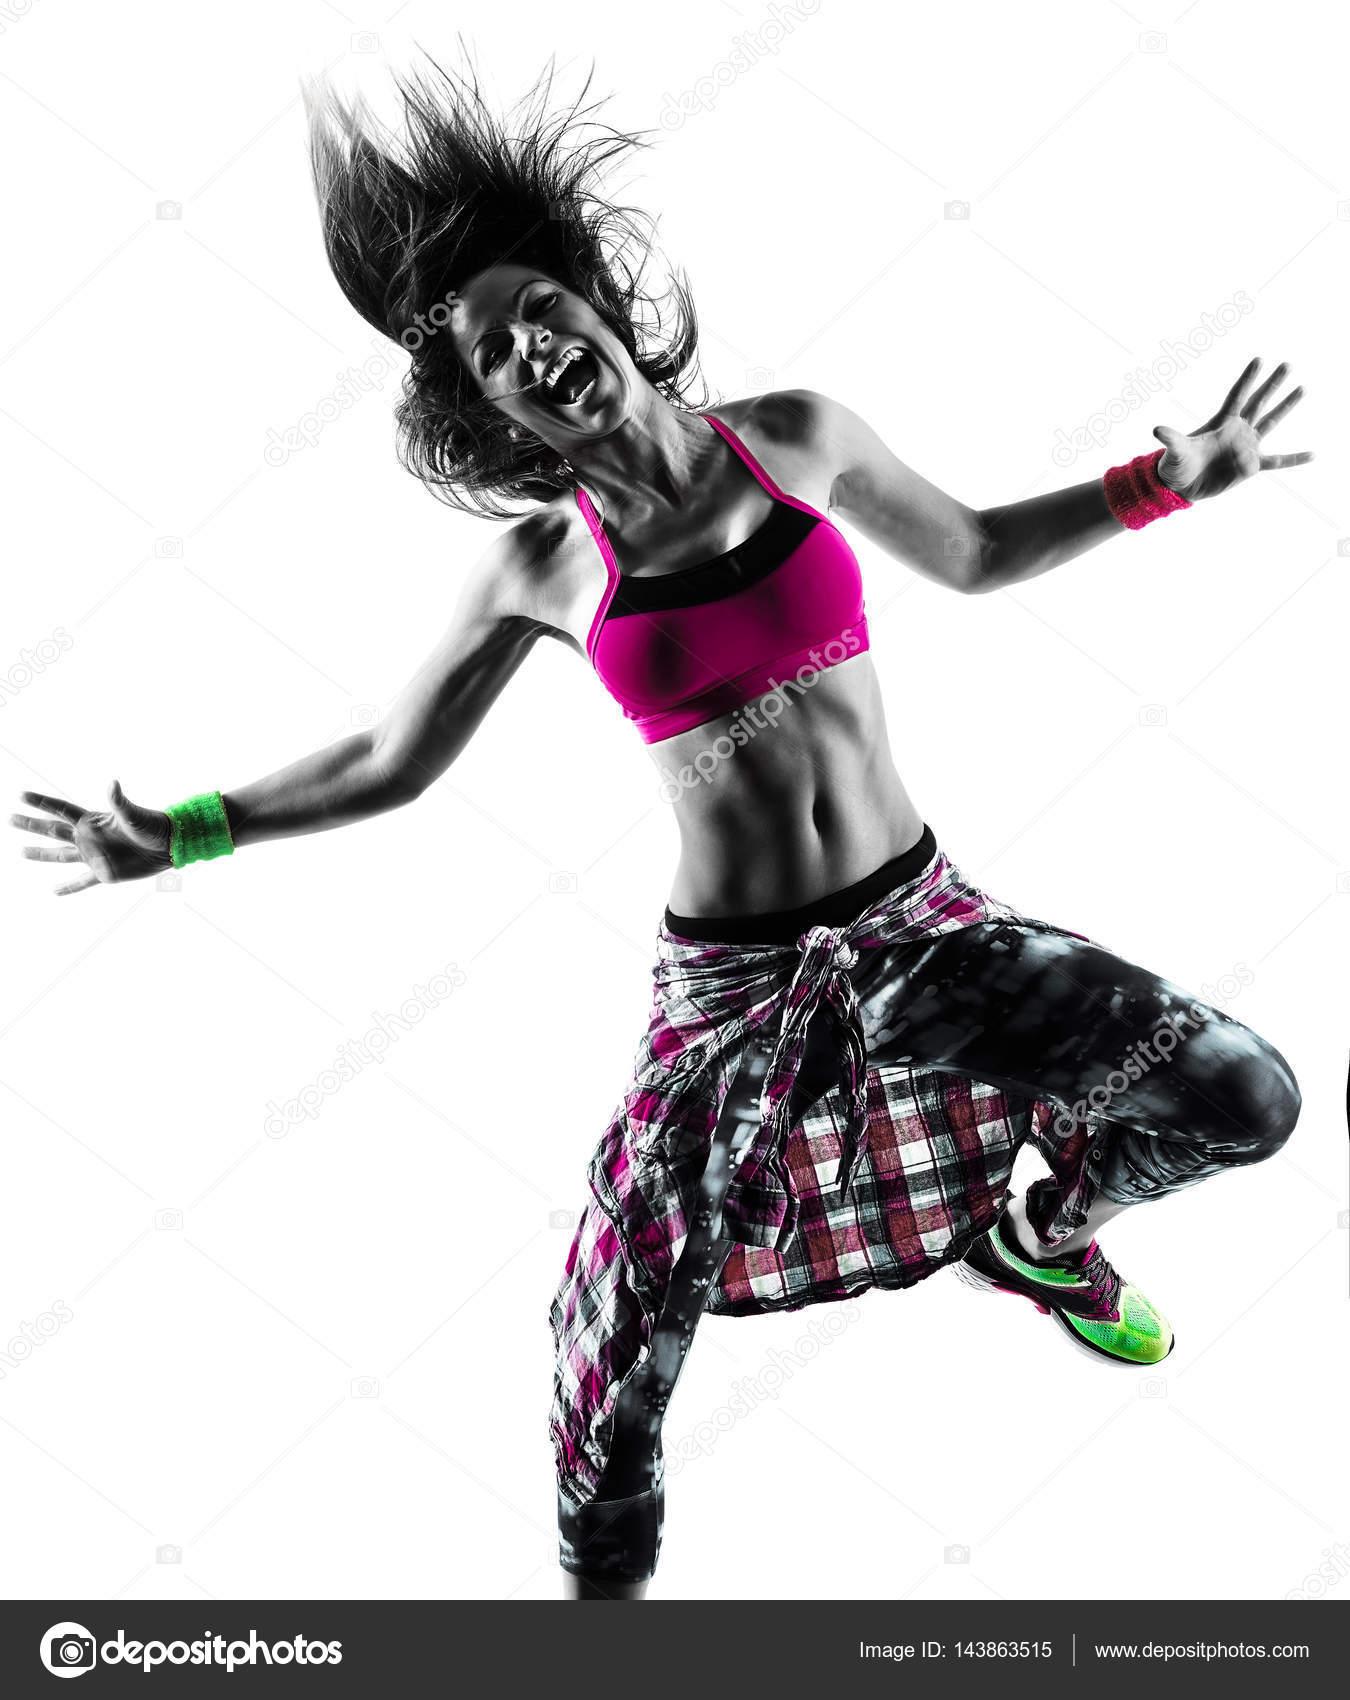 Utorrent Free Download Zumba Fitness Exhilarate Body ...